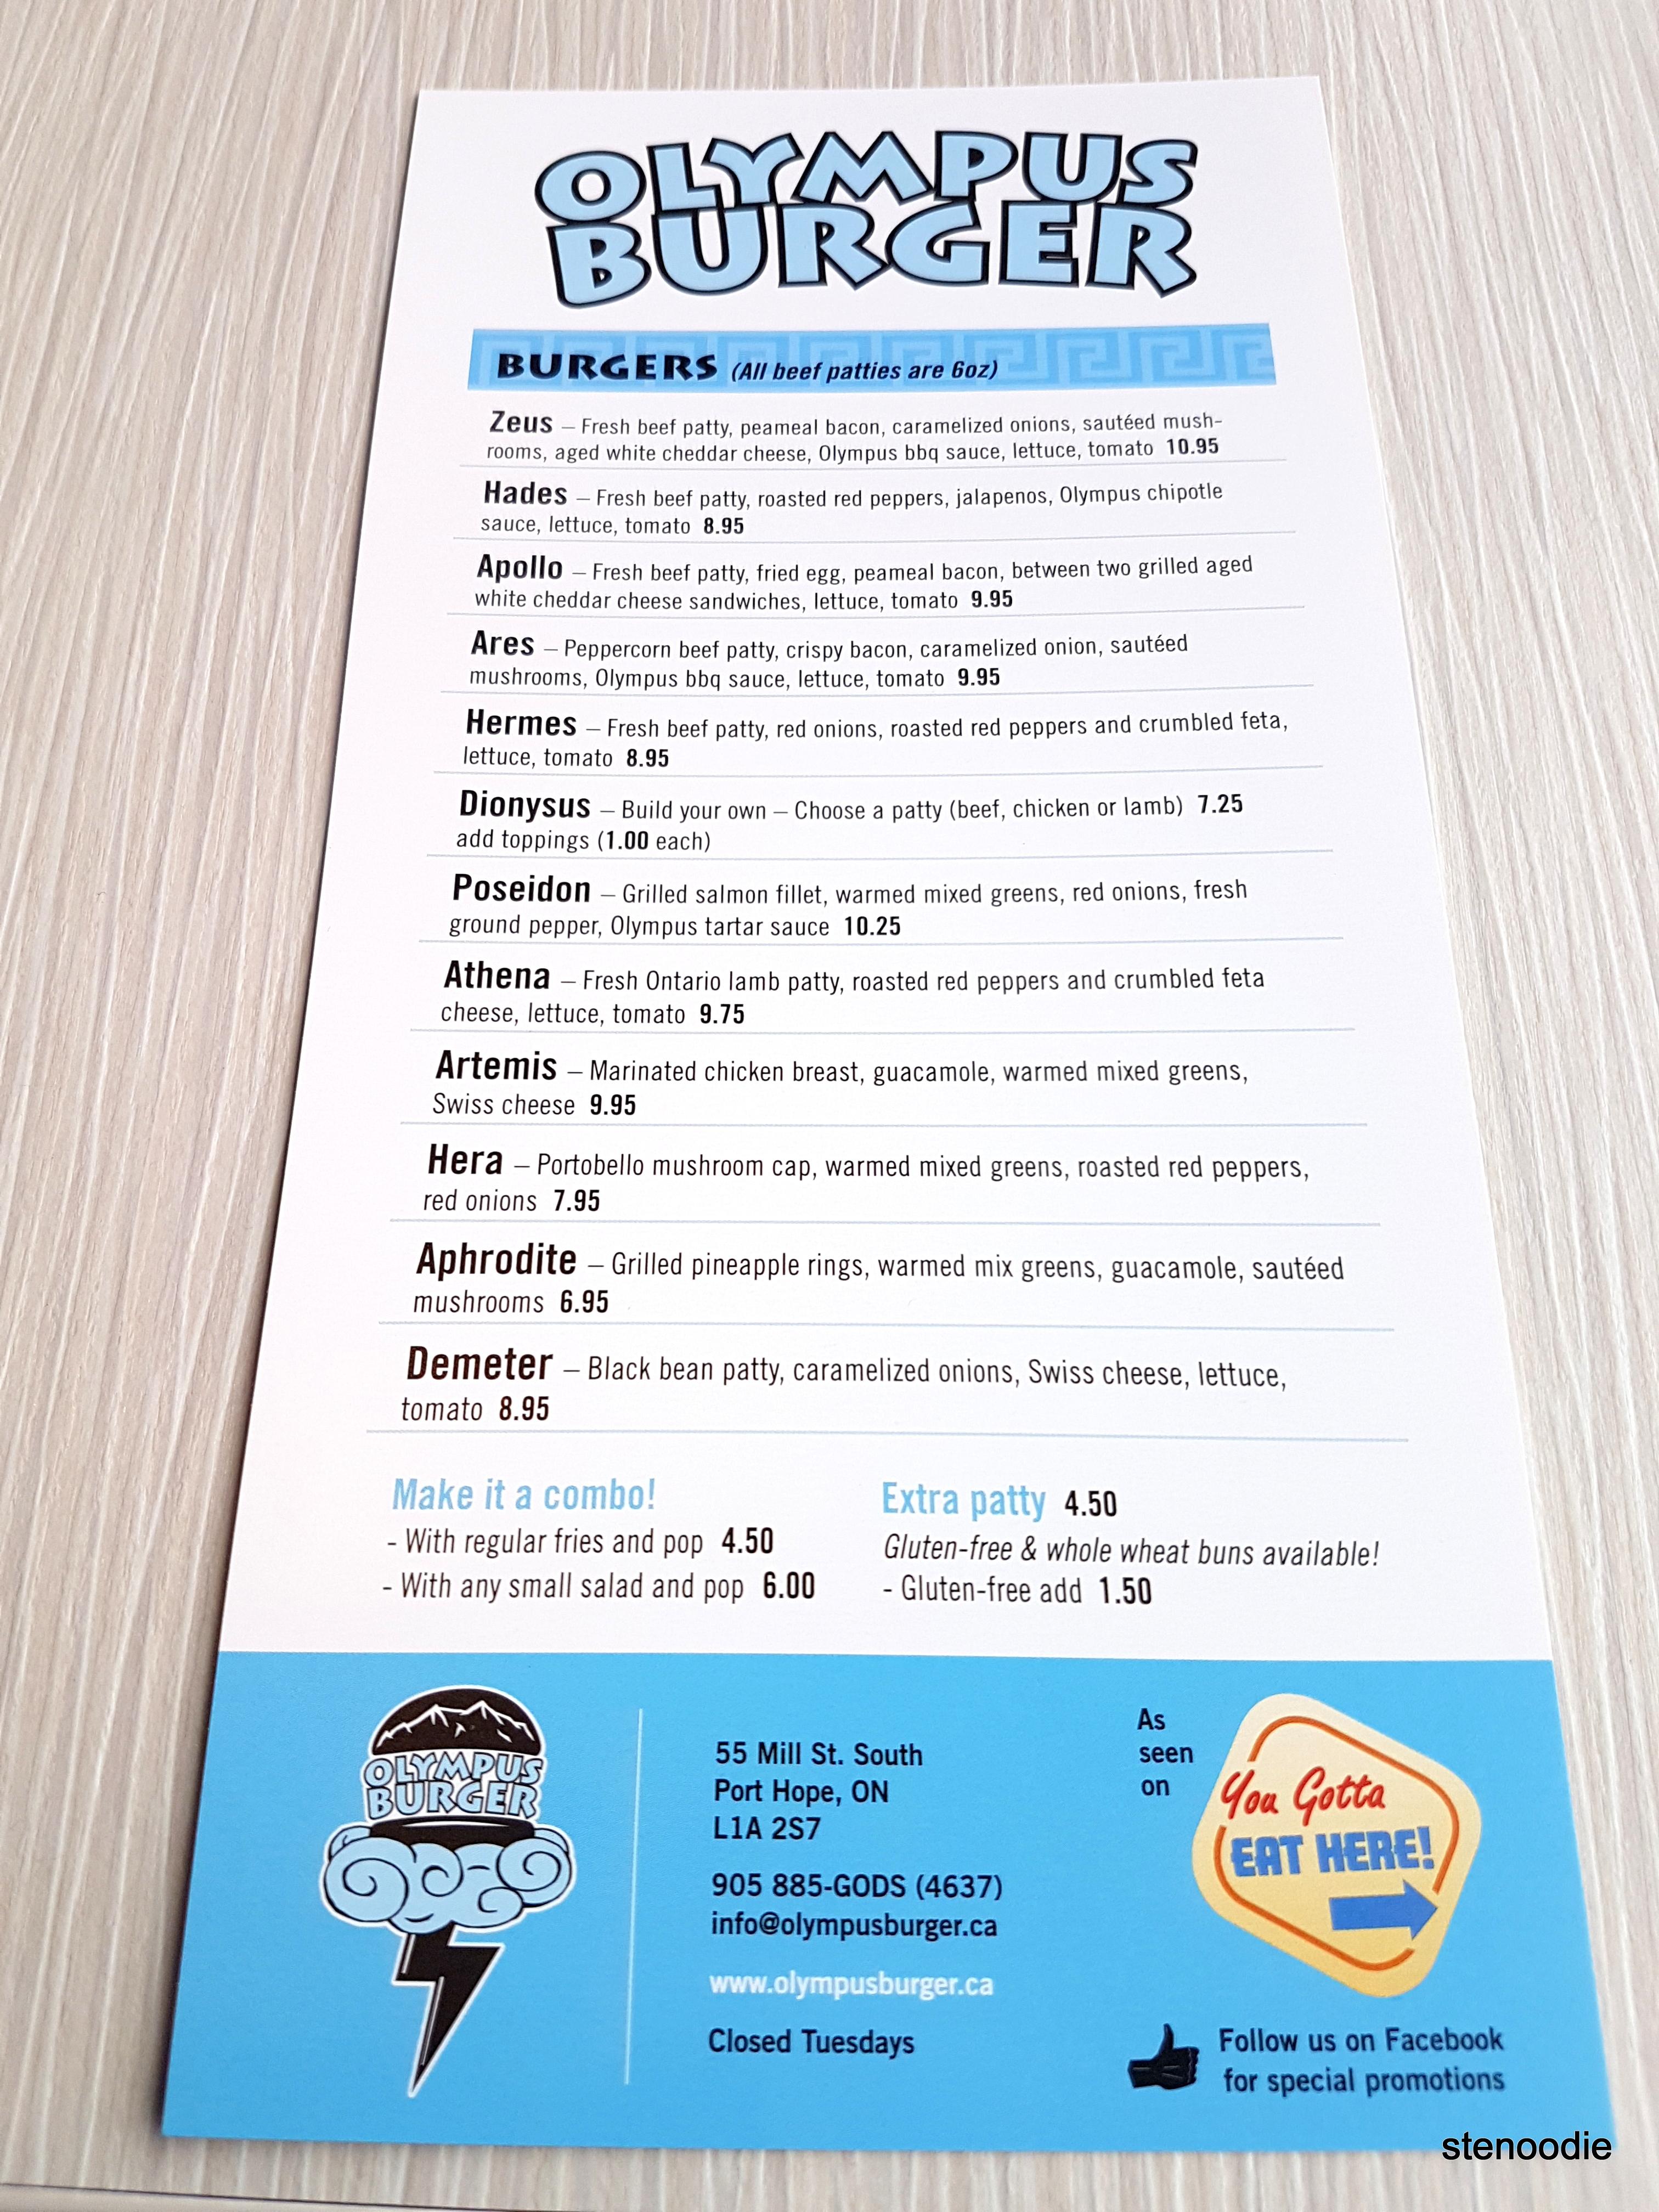 Olympus Burger menu and prices